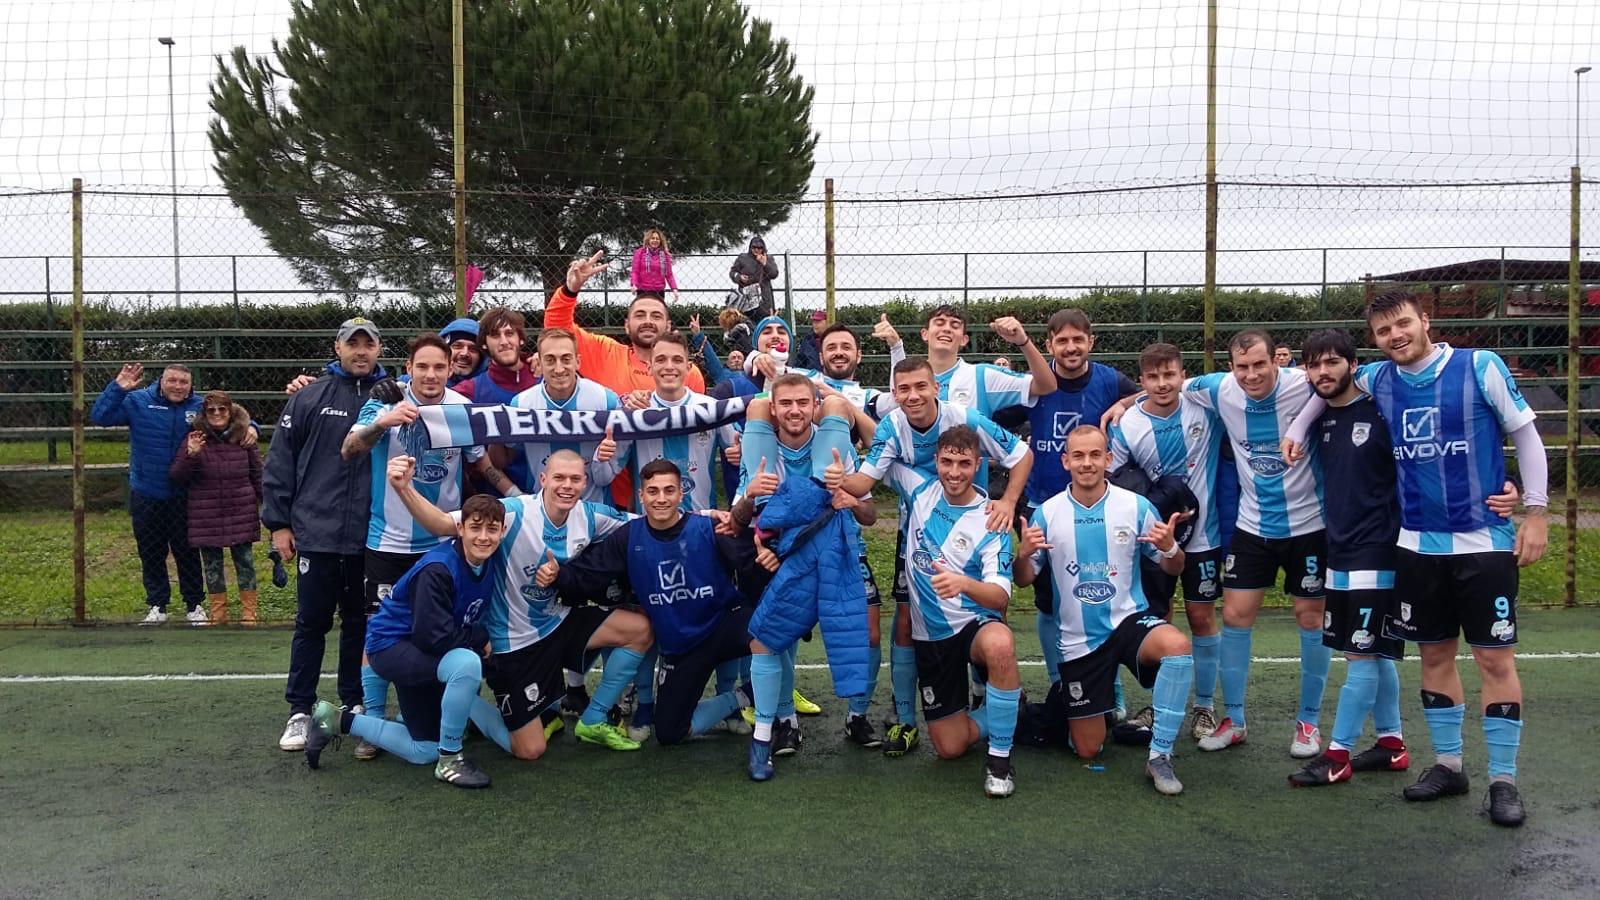 promozione-borelli-gol-il-terracina-espugna-il-campo-del-cs-primavera